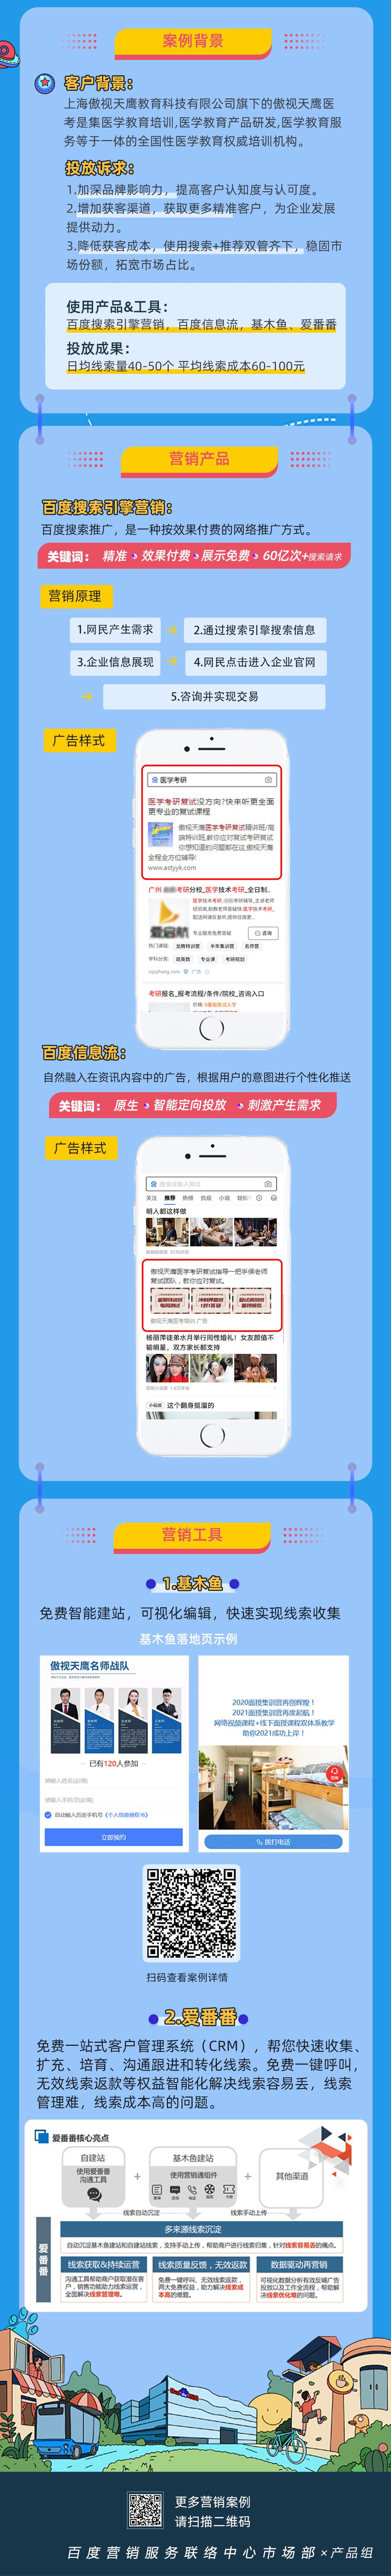 上海傲视天鹰教育-1.png